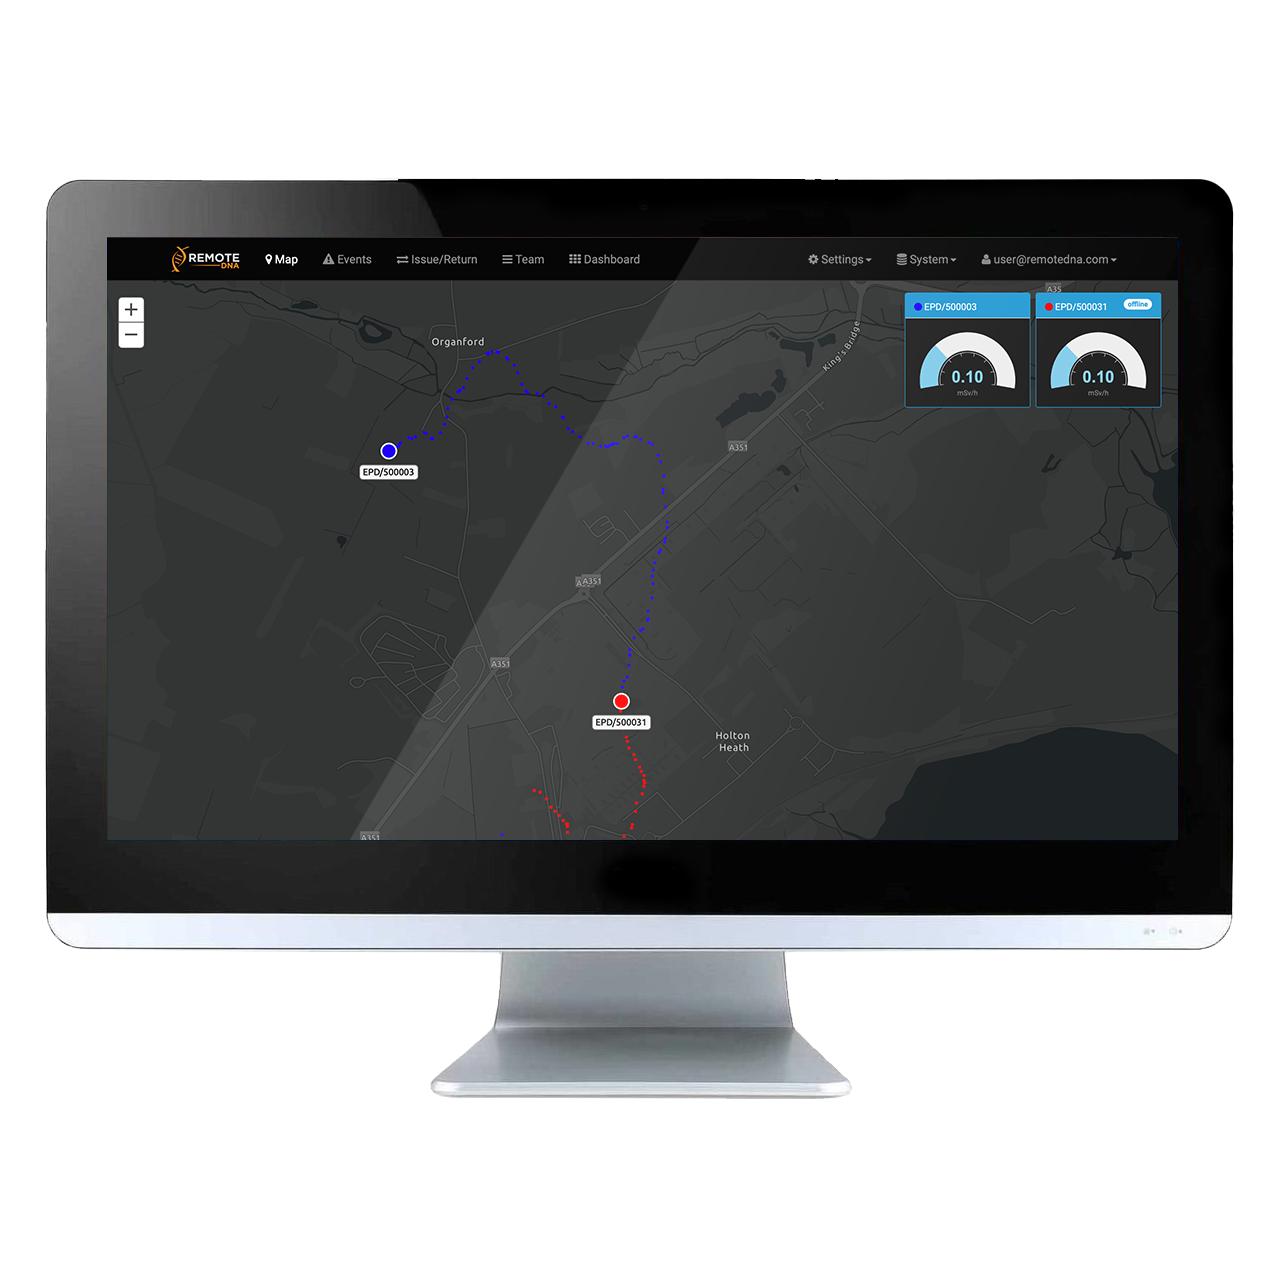 desktop-RemoteDNA.png